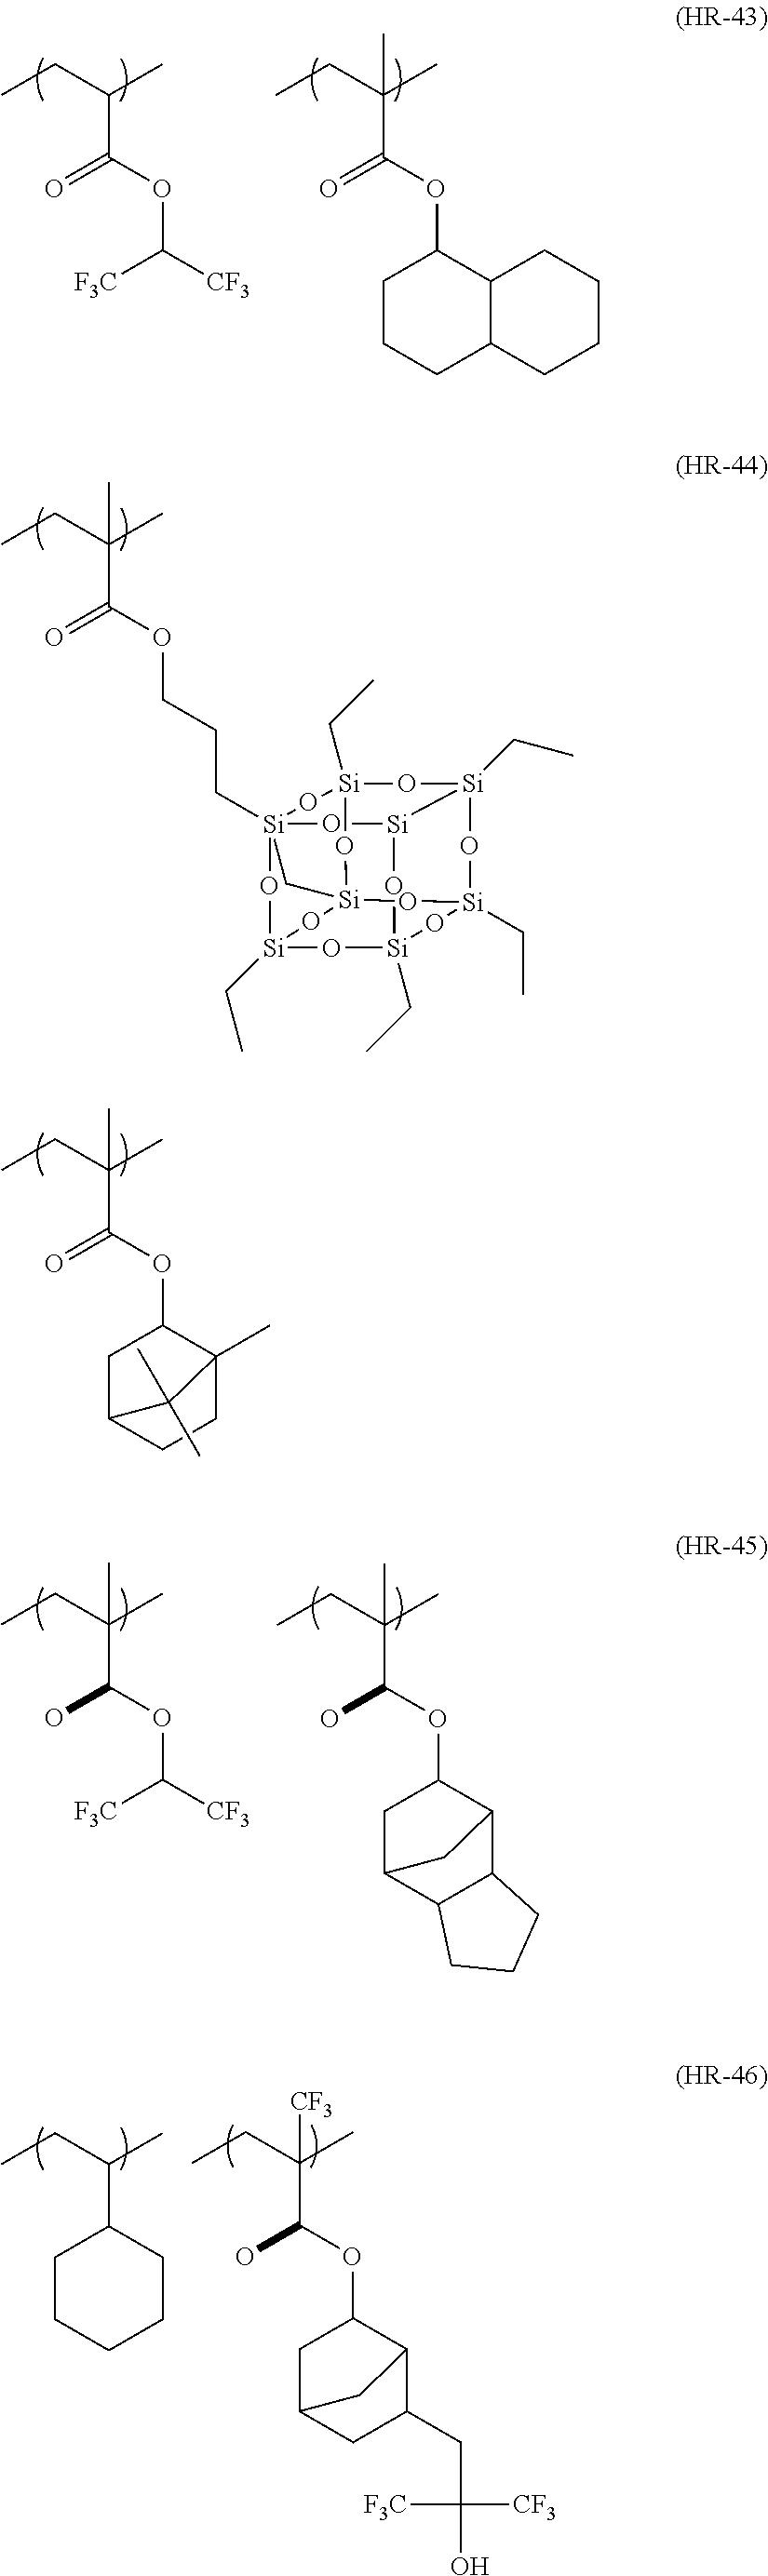 Figure US20110183258A1-20110728-C00120